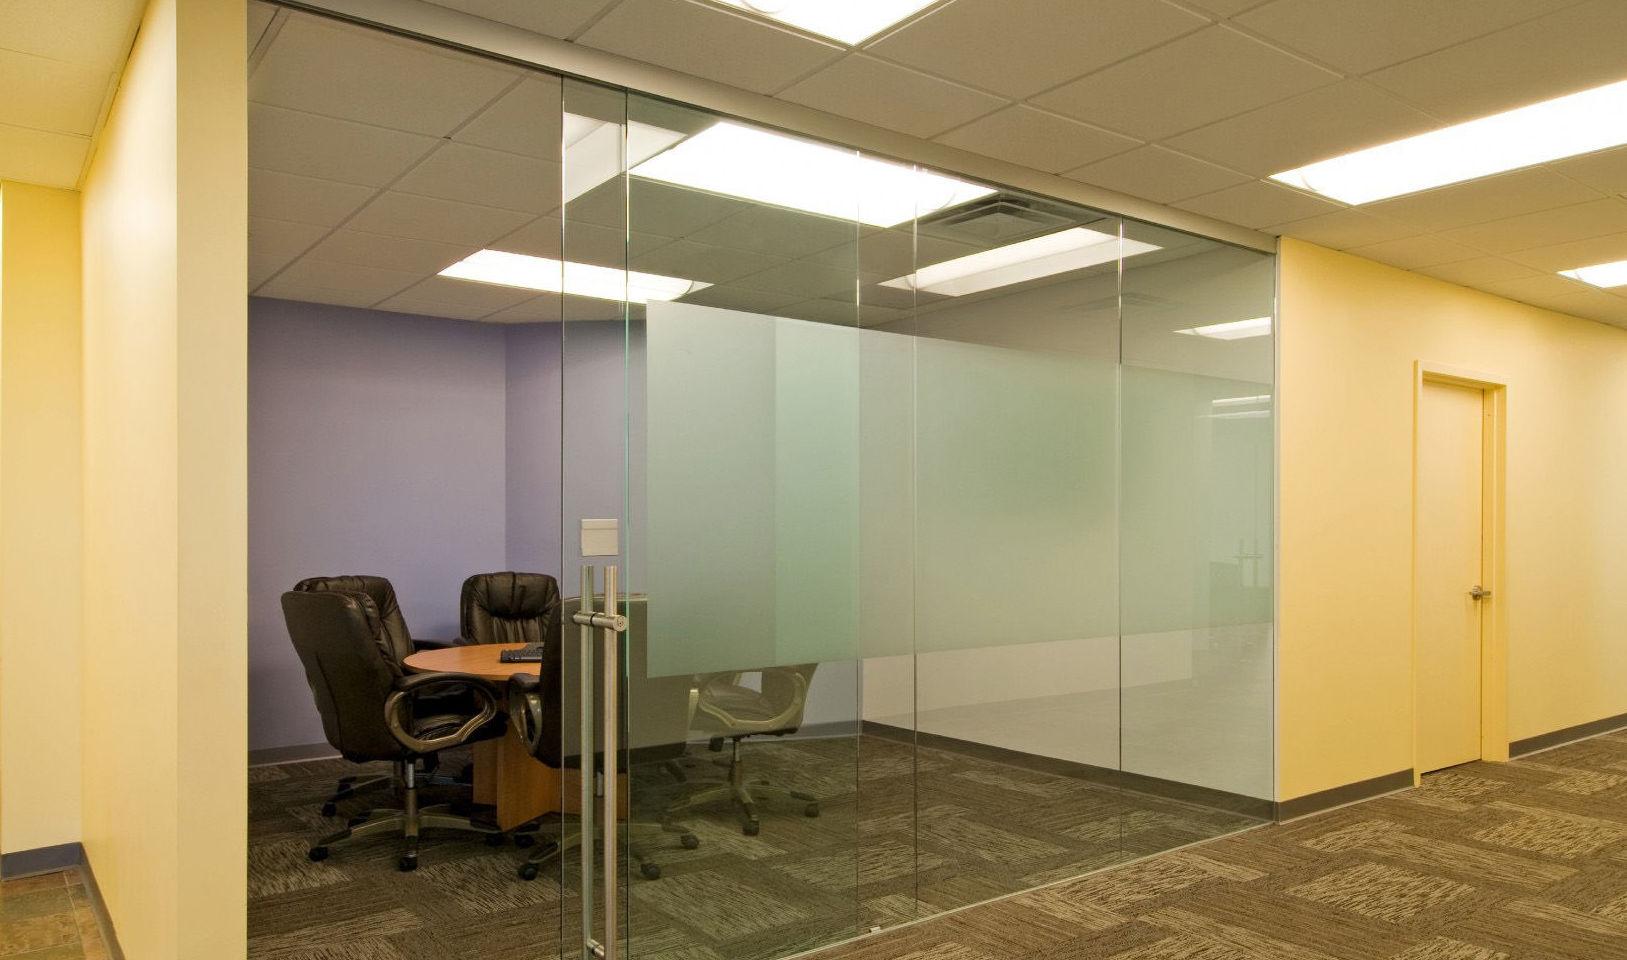 Puerta de cristal para sala de reuniones de oficina